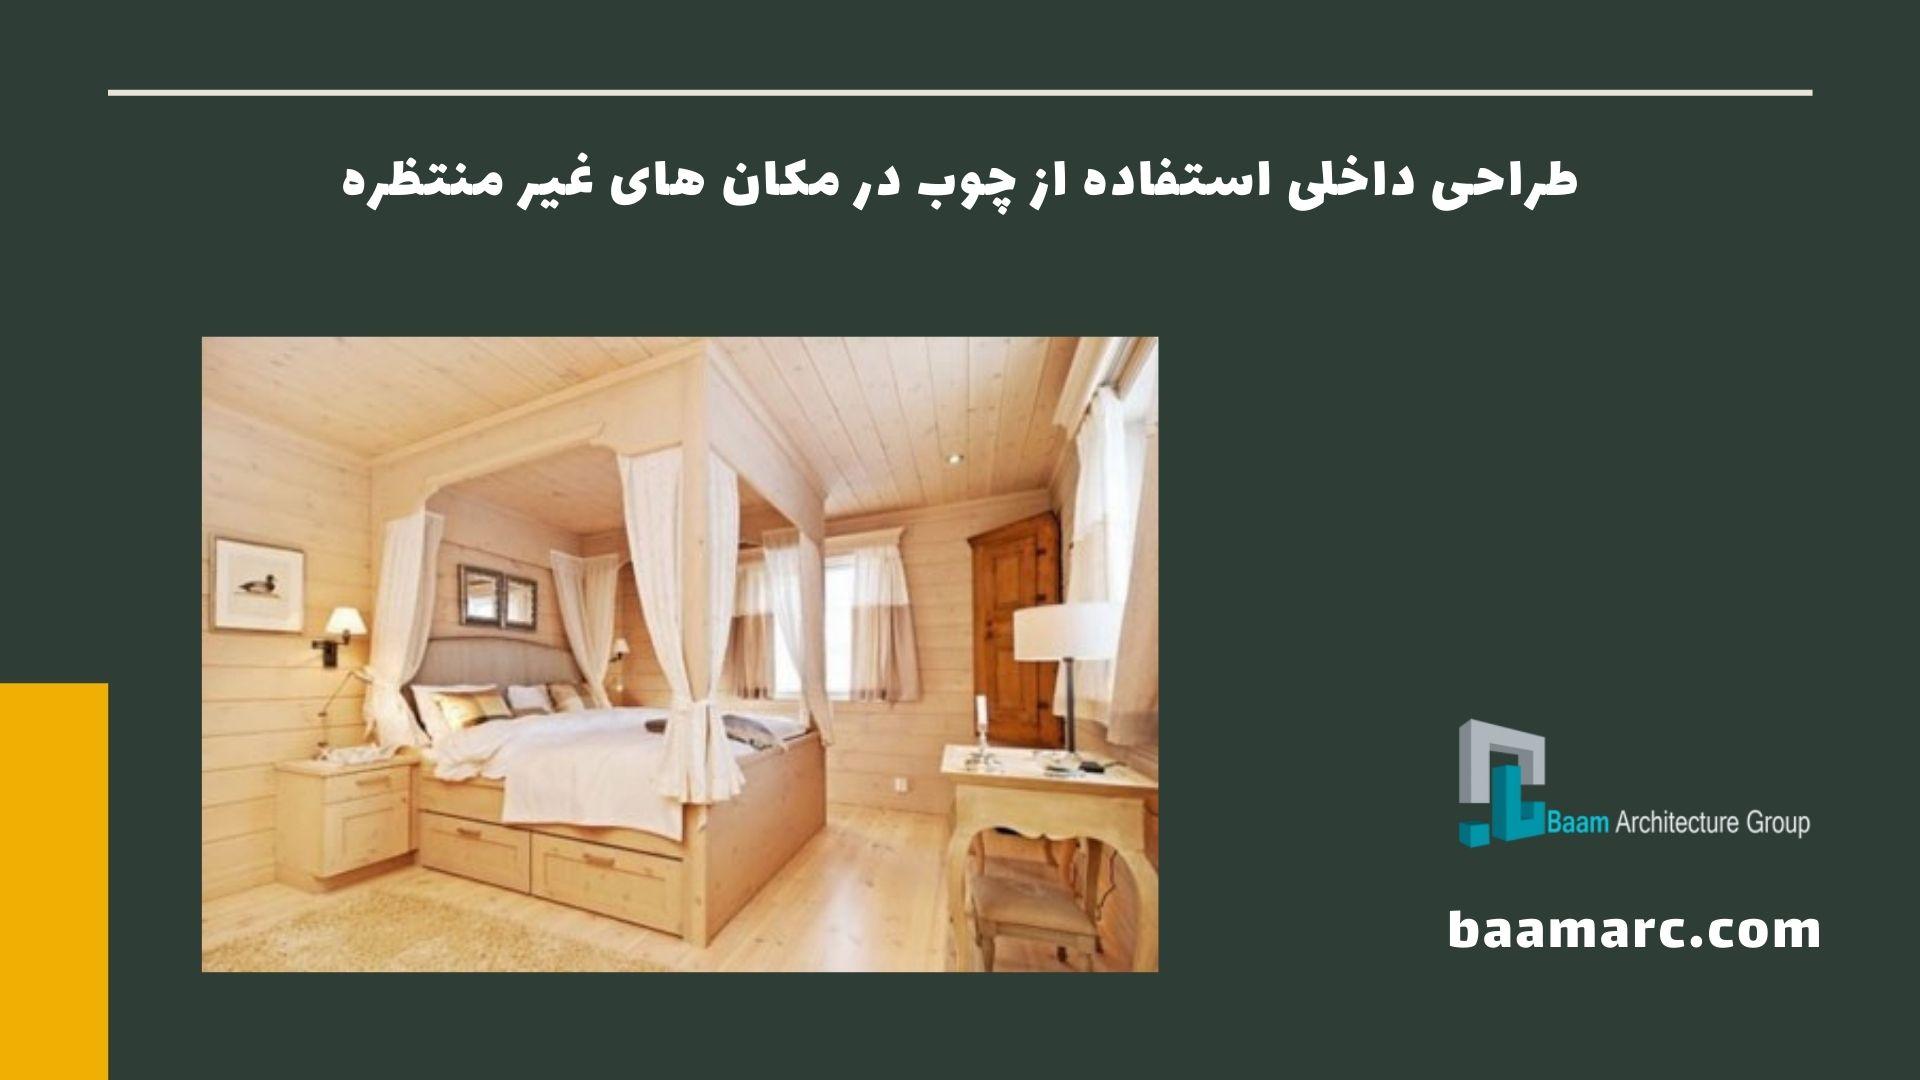 طراحی داخلی استفاده از چوب در مکان های غیر منتظره